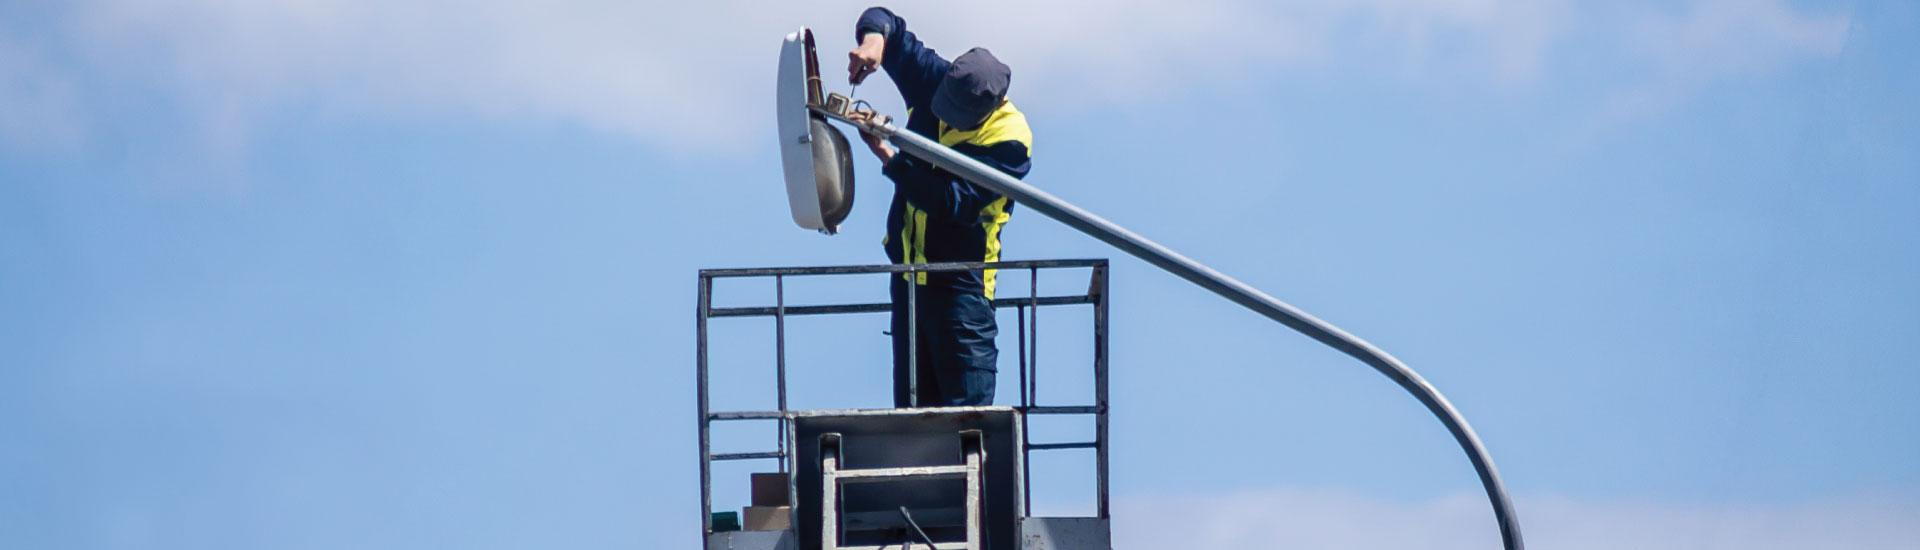 commercial lighting repair